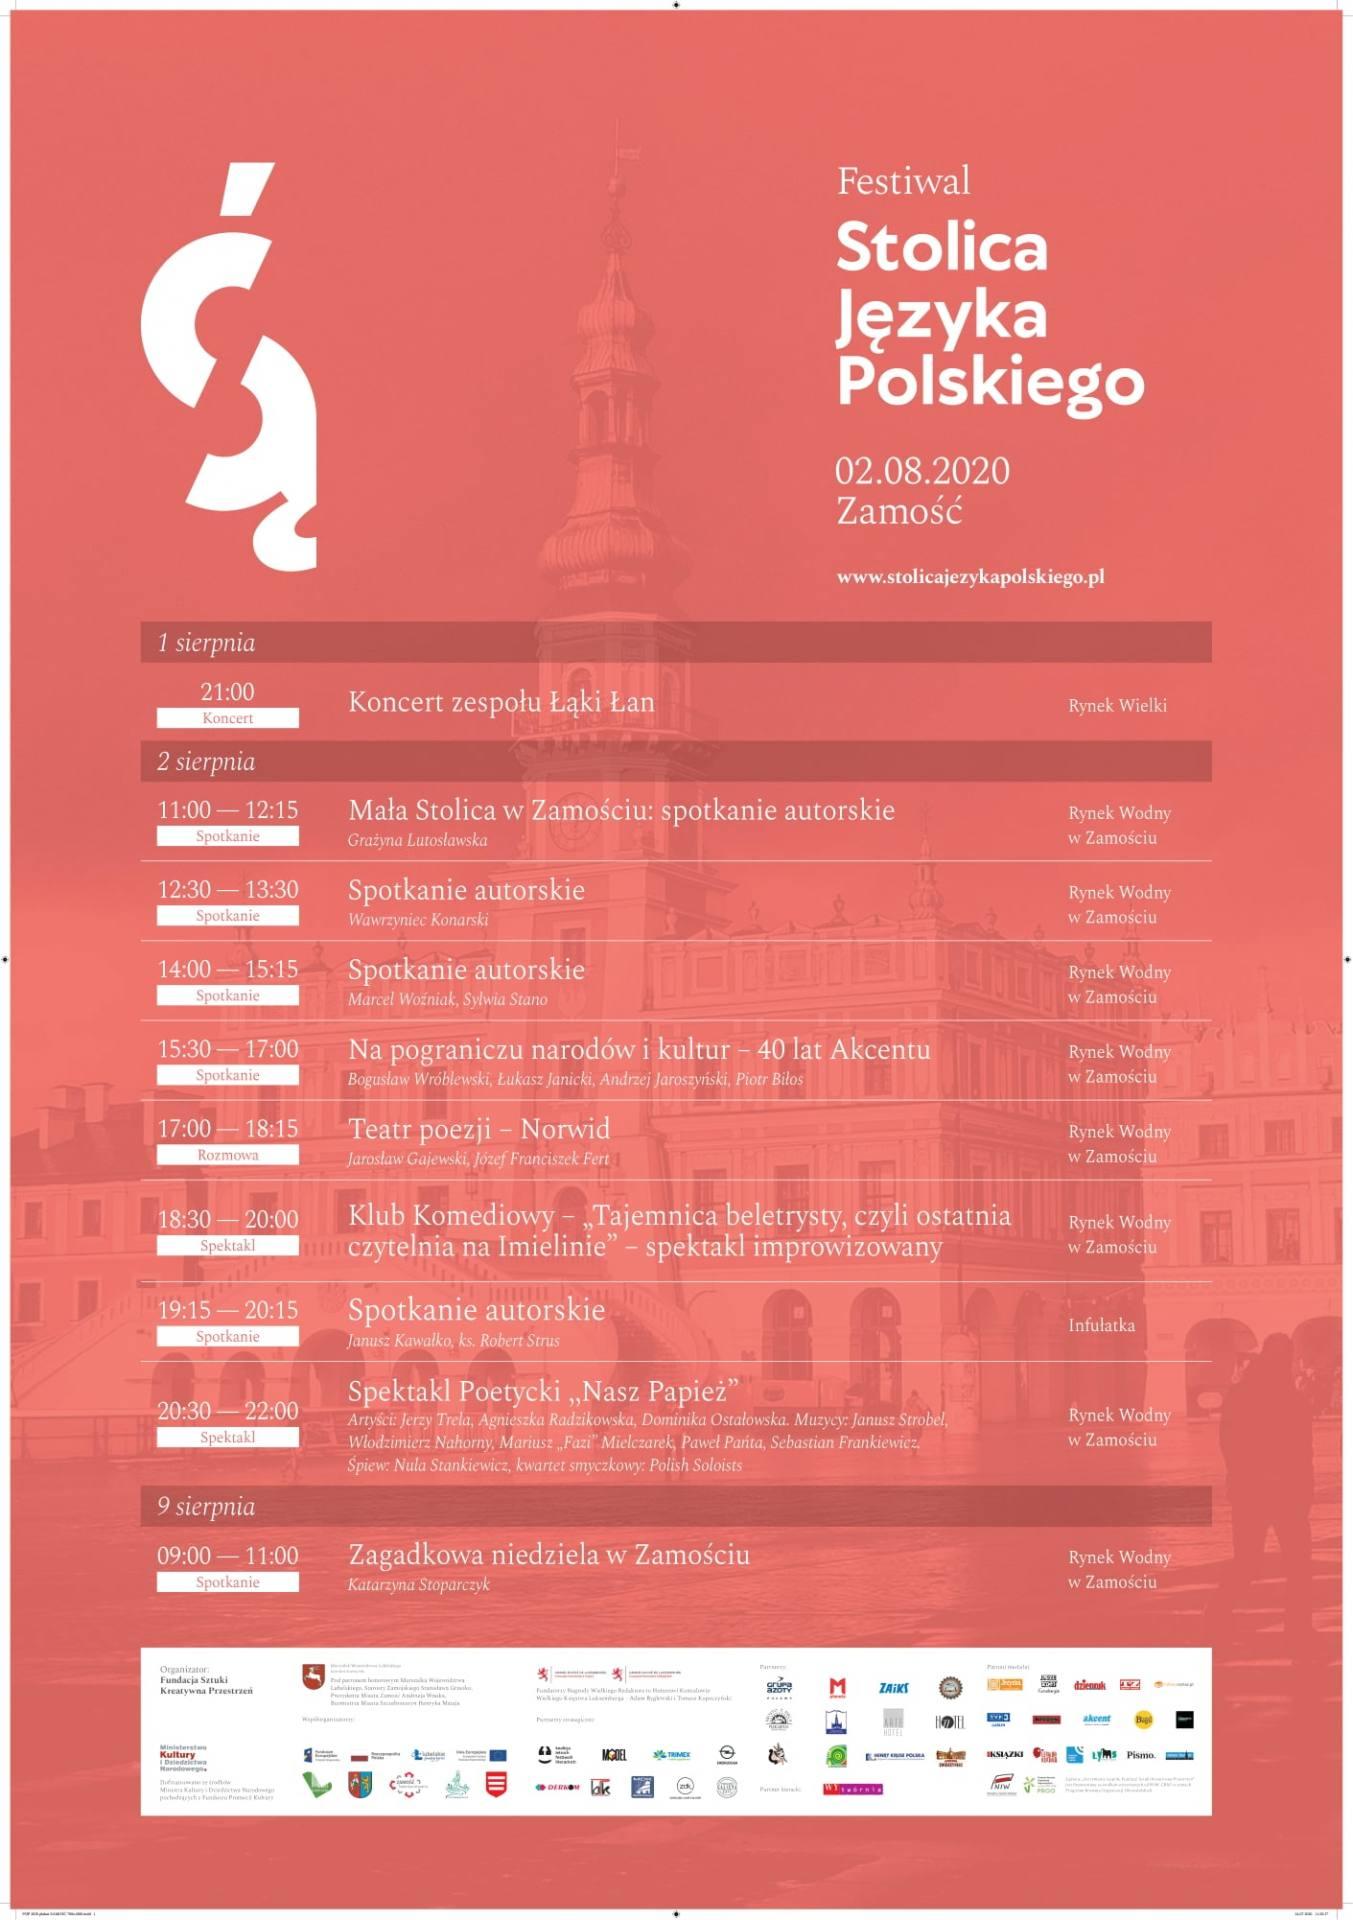 116566163 154063369633682 4413301778524159027 o Festiwal Stolica Języka Polskiego. Literackie Święto rozpocznie się w Zamościu. Co zaplanowano?